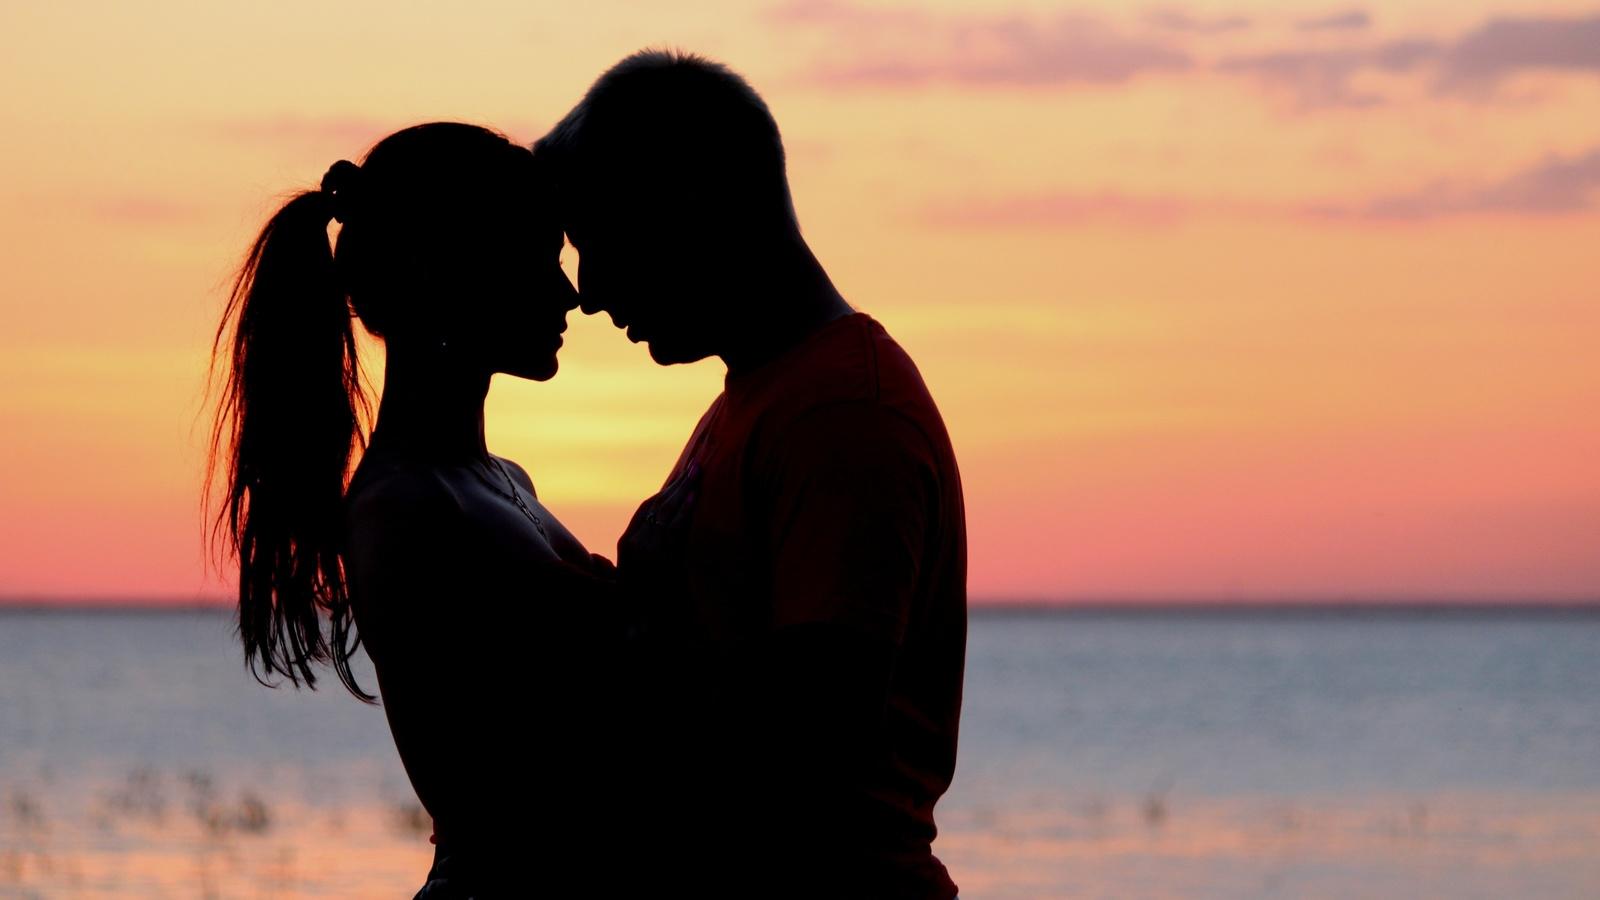 Картинки про любовь парень и девушка с надписью, легким паром прикольные